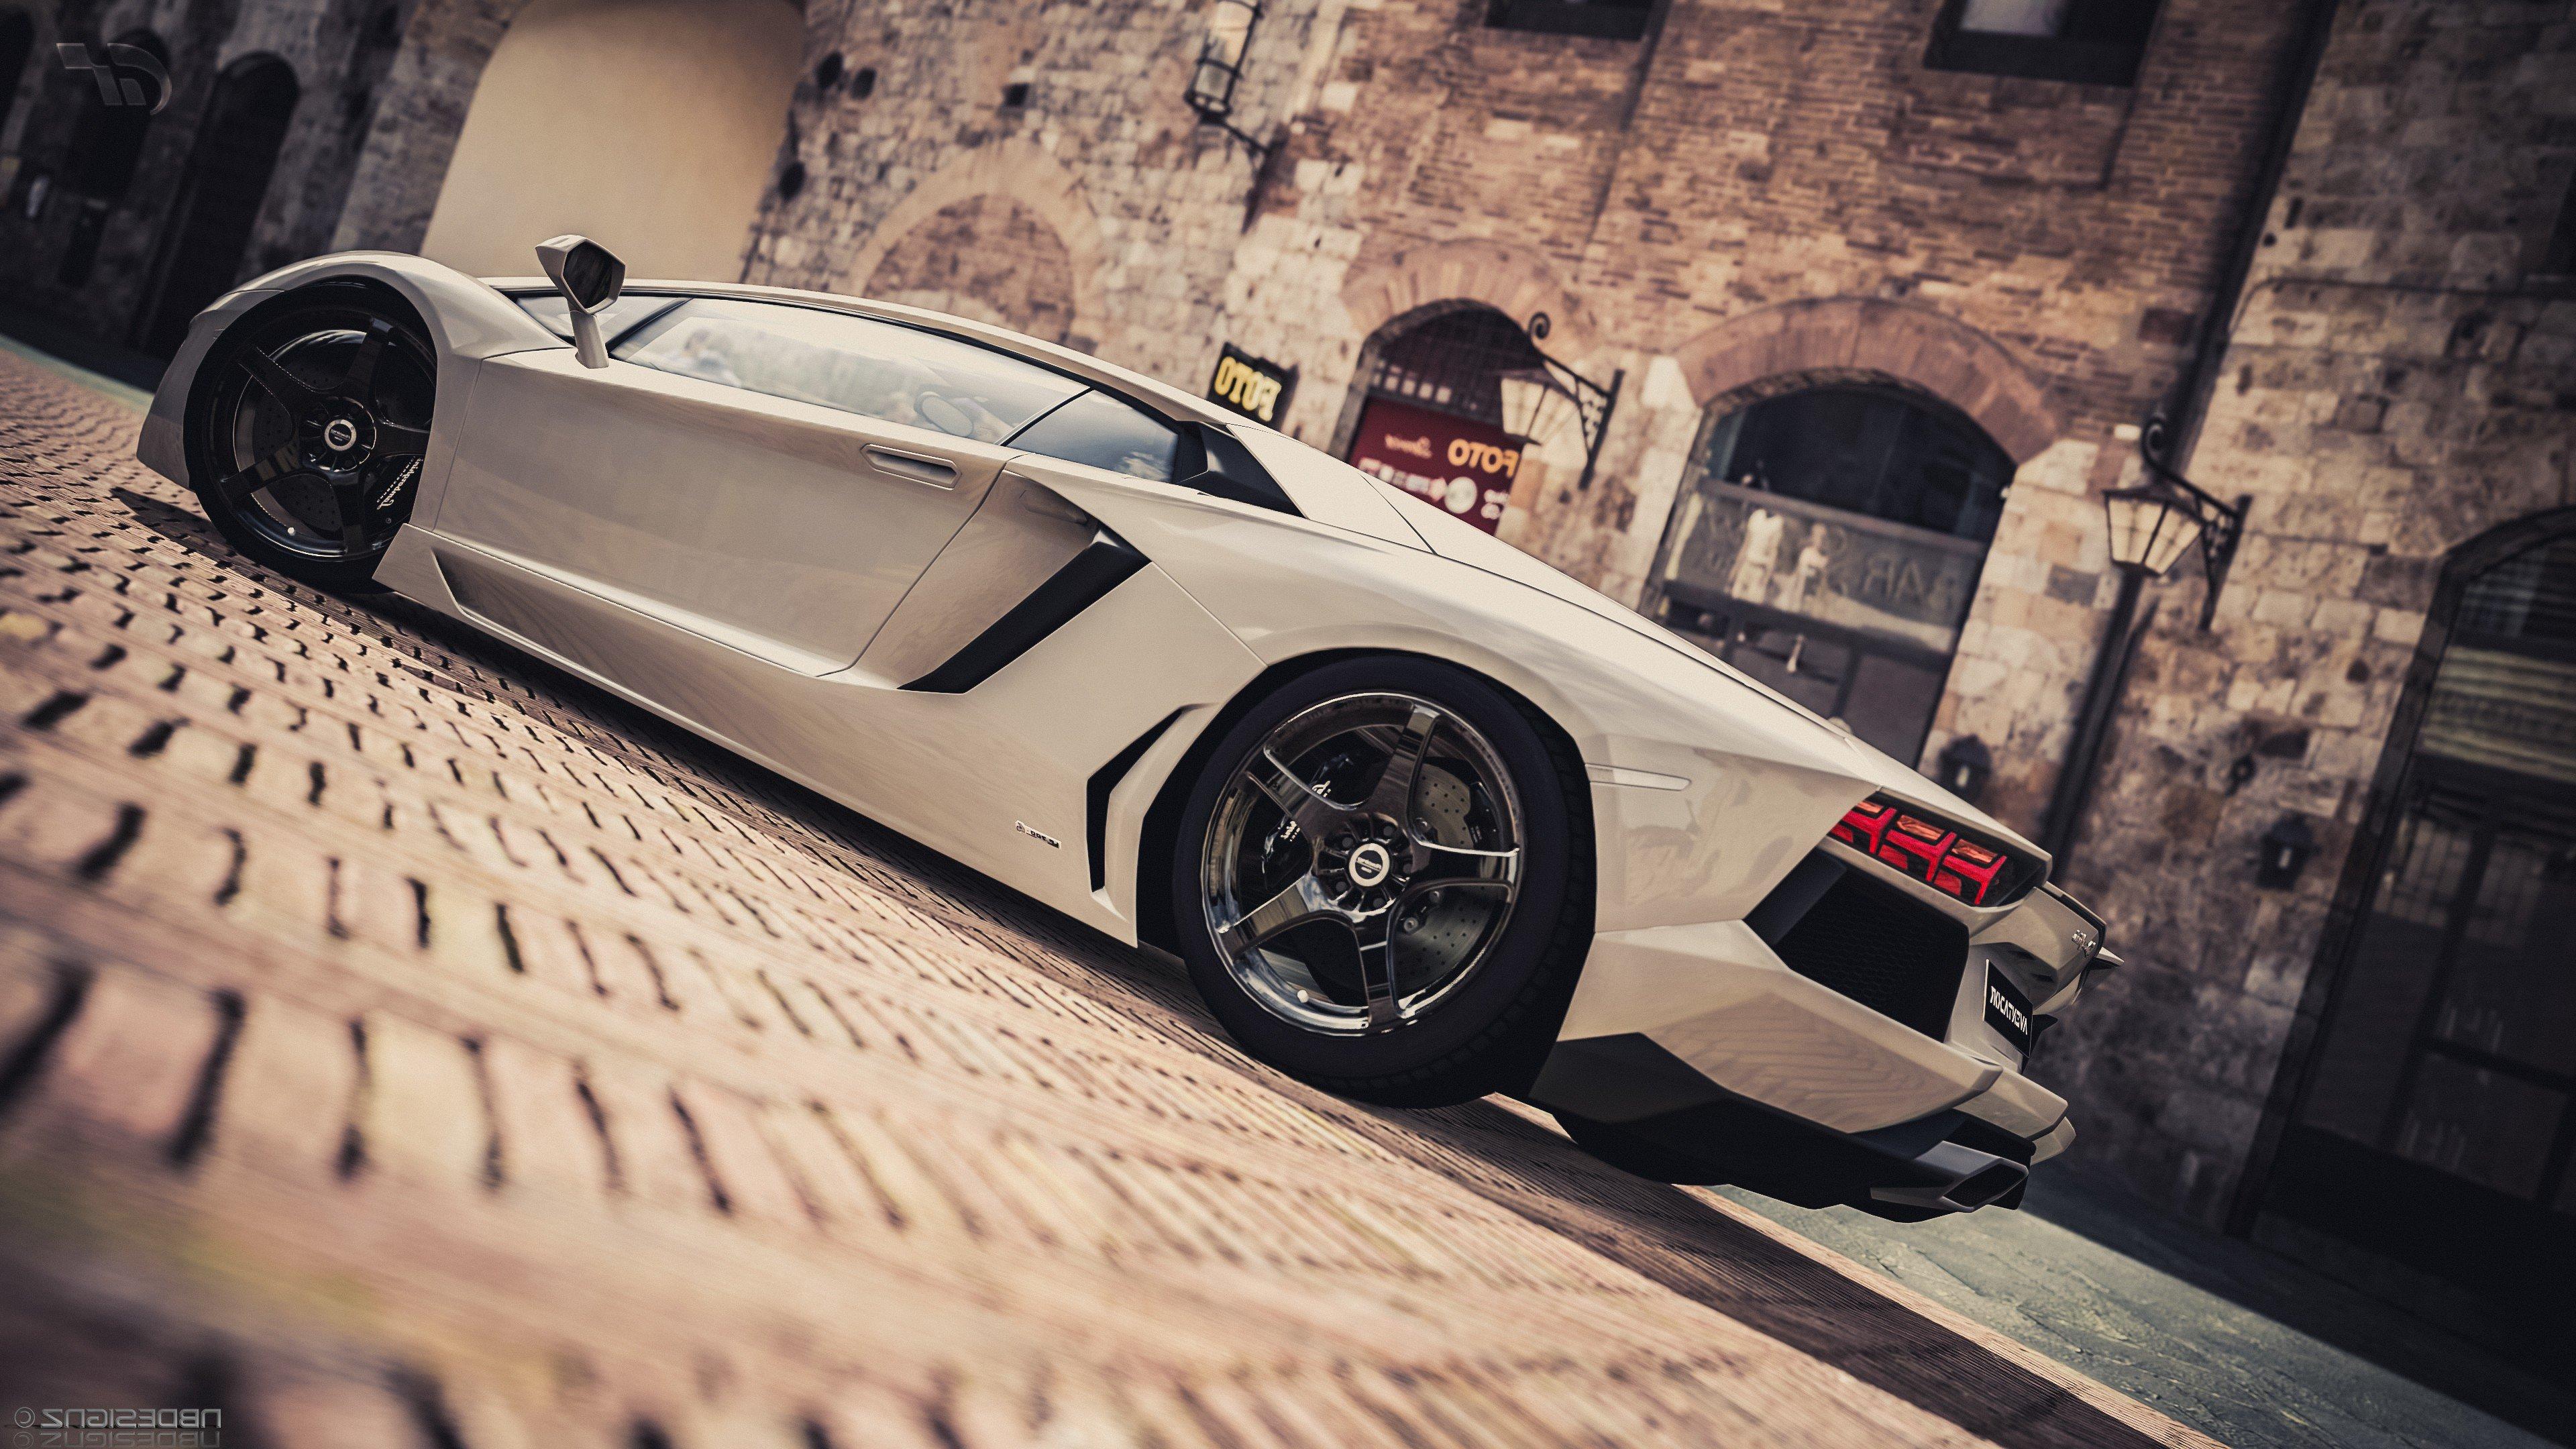 Lamborghini Aventador Car 4k Hd Desktop Wallpaper For 4k: Lamborghini Aventador Desktop, HD Cars, 4k Wallpapers